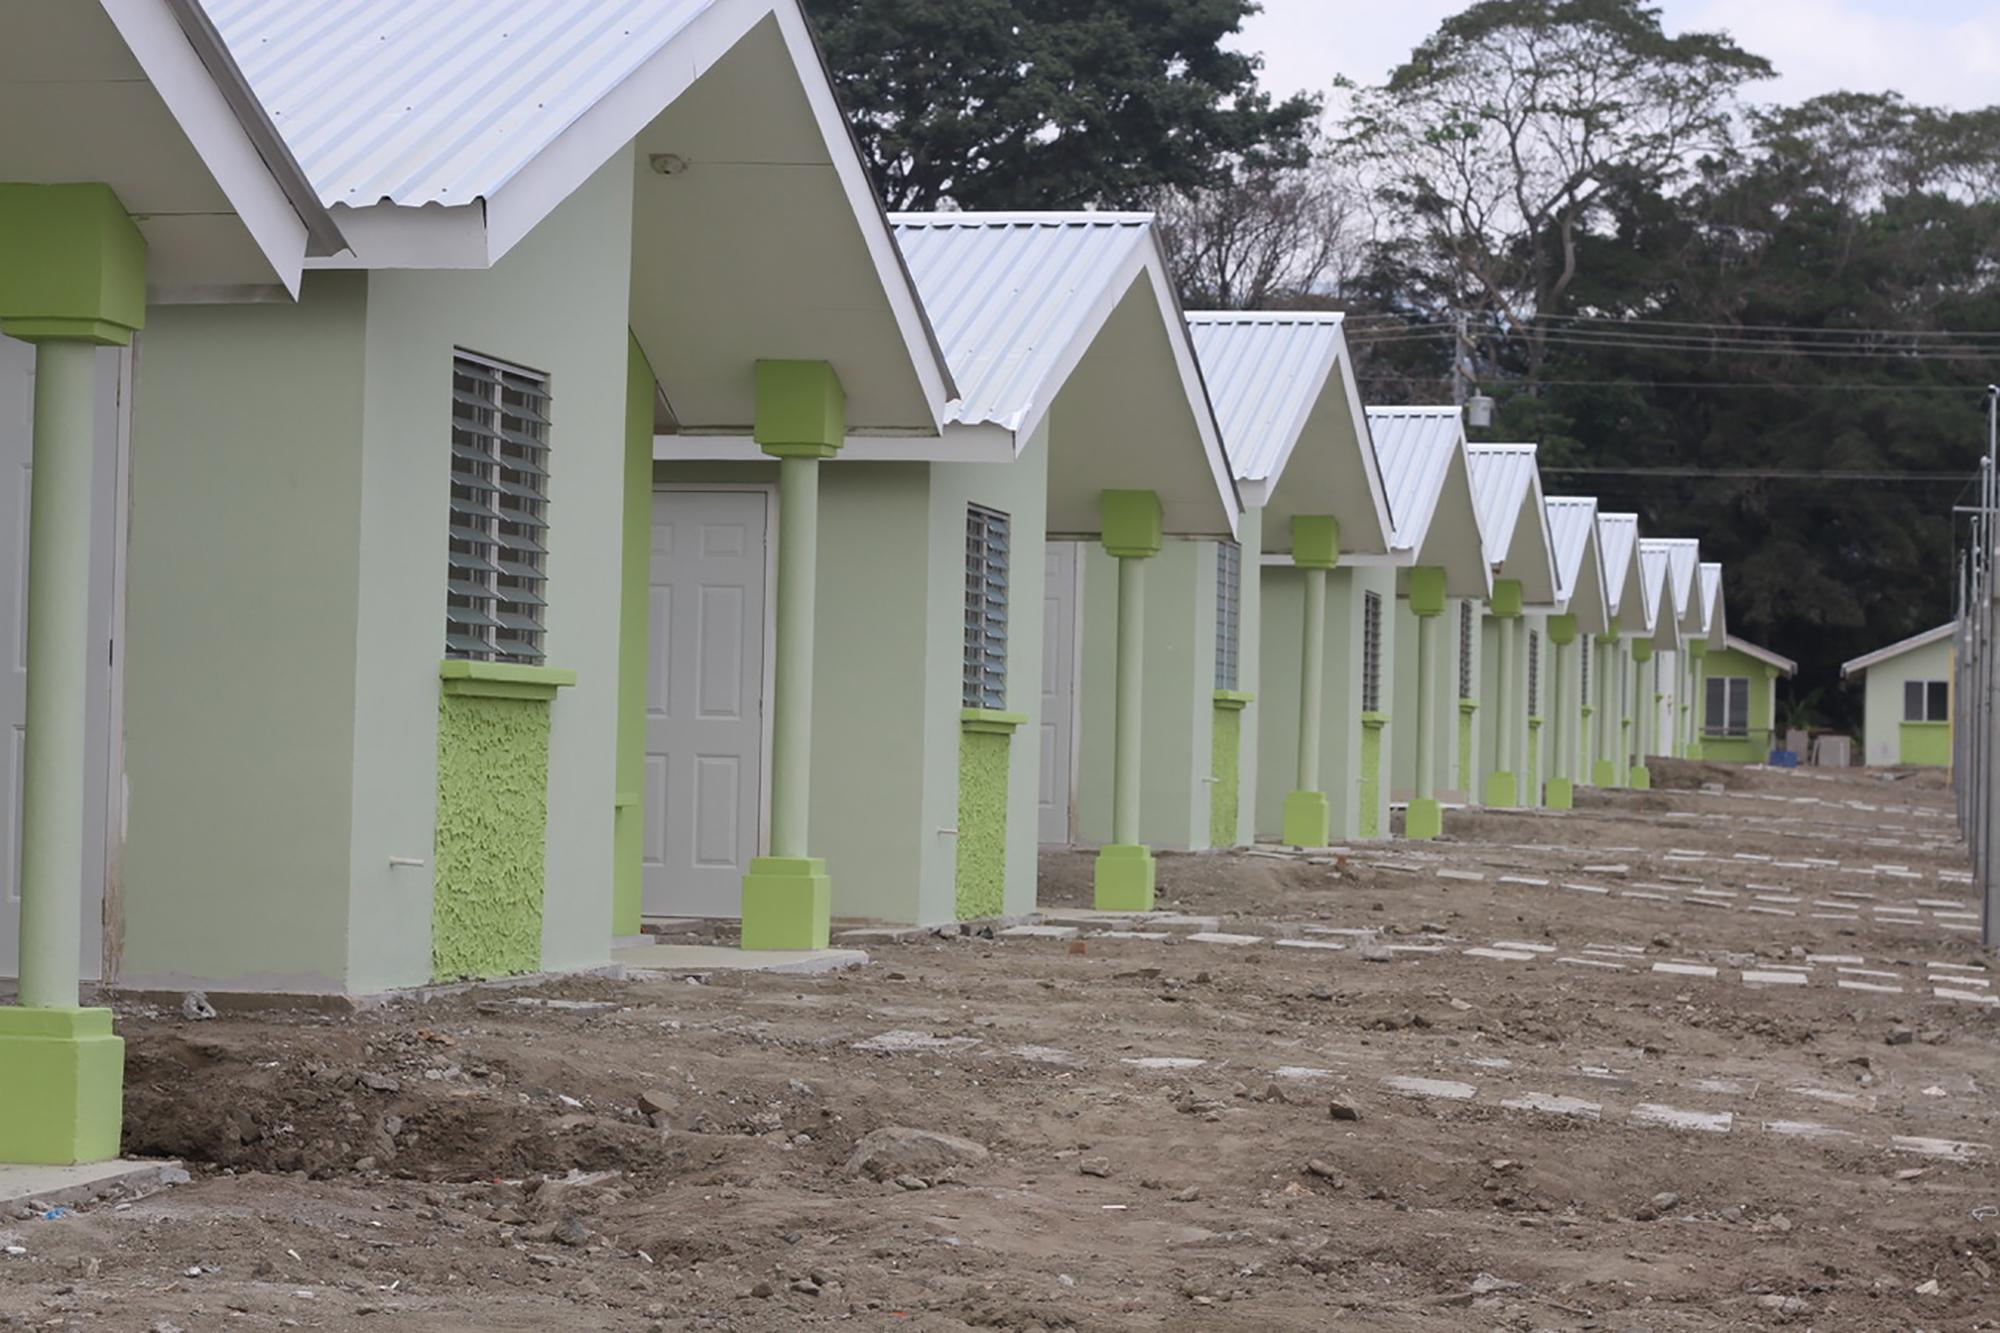 Noticias de la industria asociaci n hondure a de - Paginas de viviendas ...